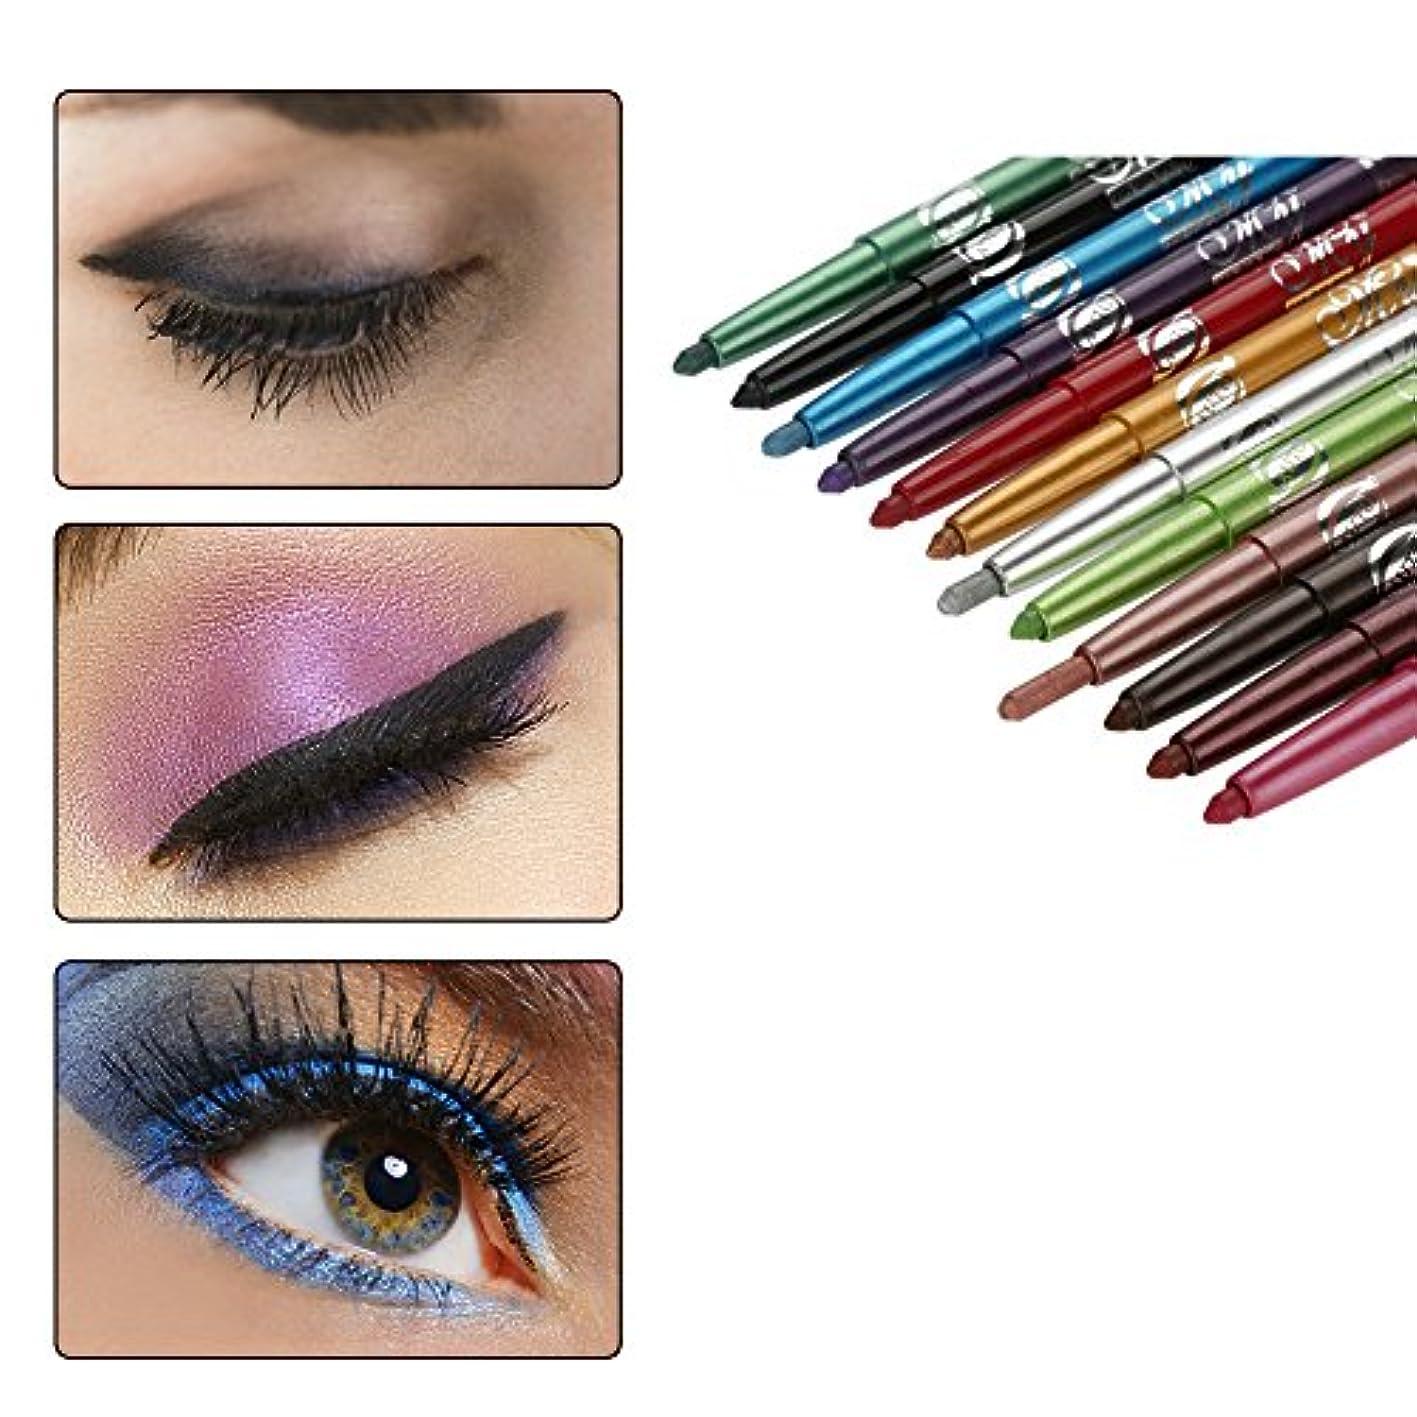 取得する弱めるドキドキ12色のアイシャドーアイライナー リップライナーペンシル 化粧ペン メイクアップセット 防水 長持ち 人気